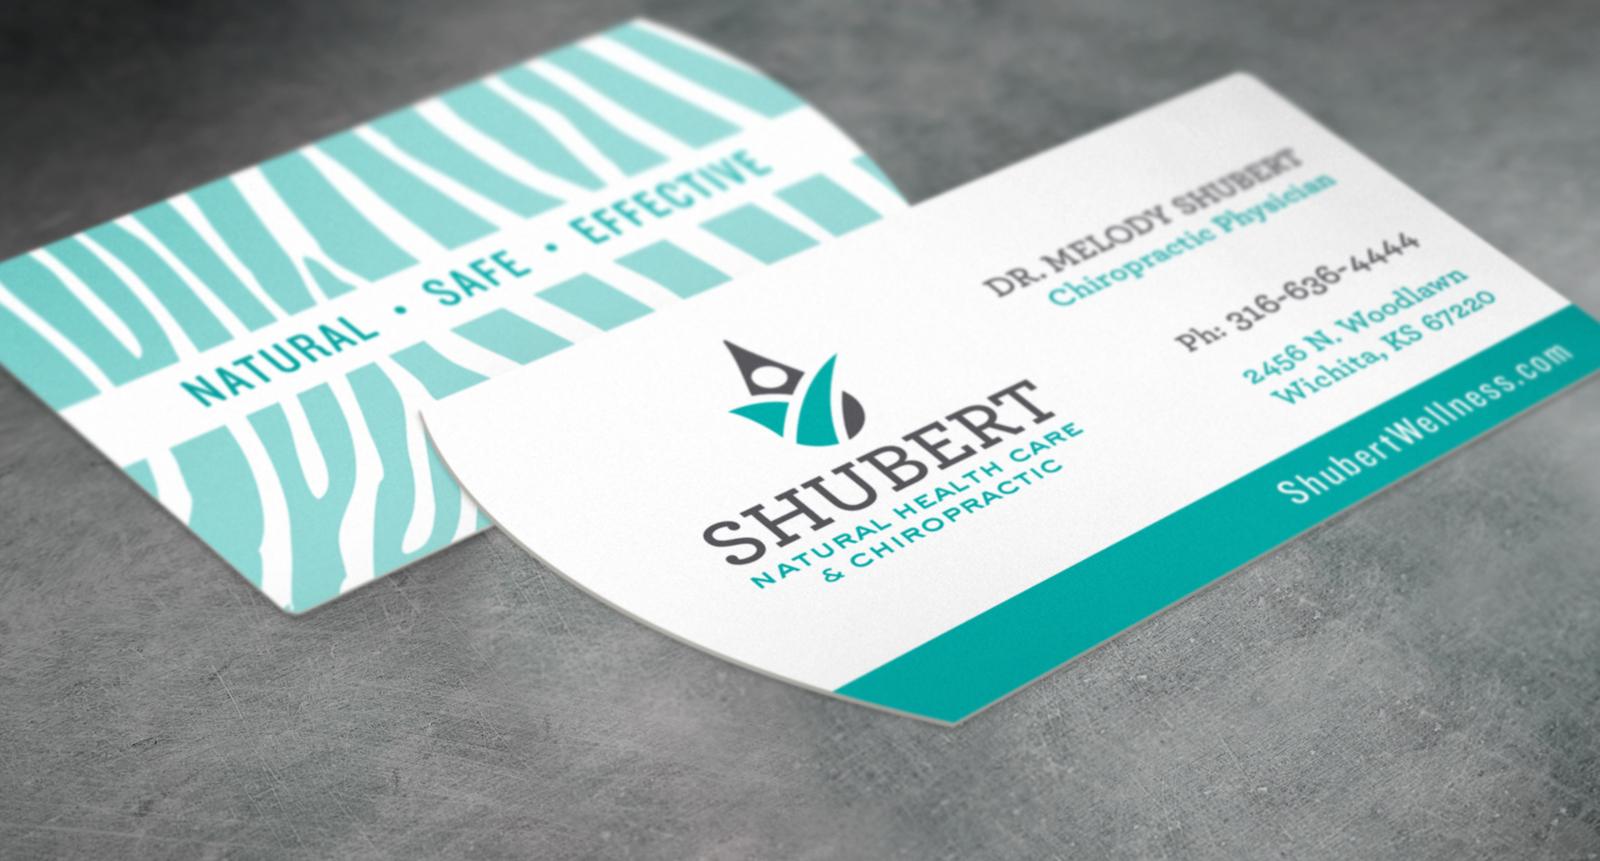 shubertbc5